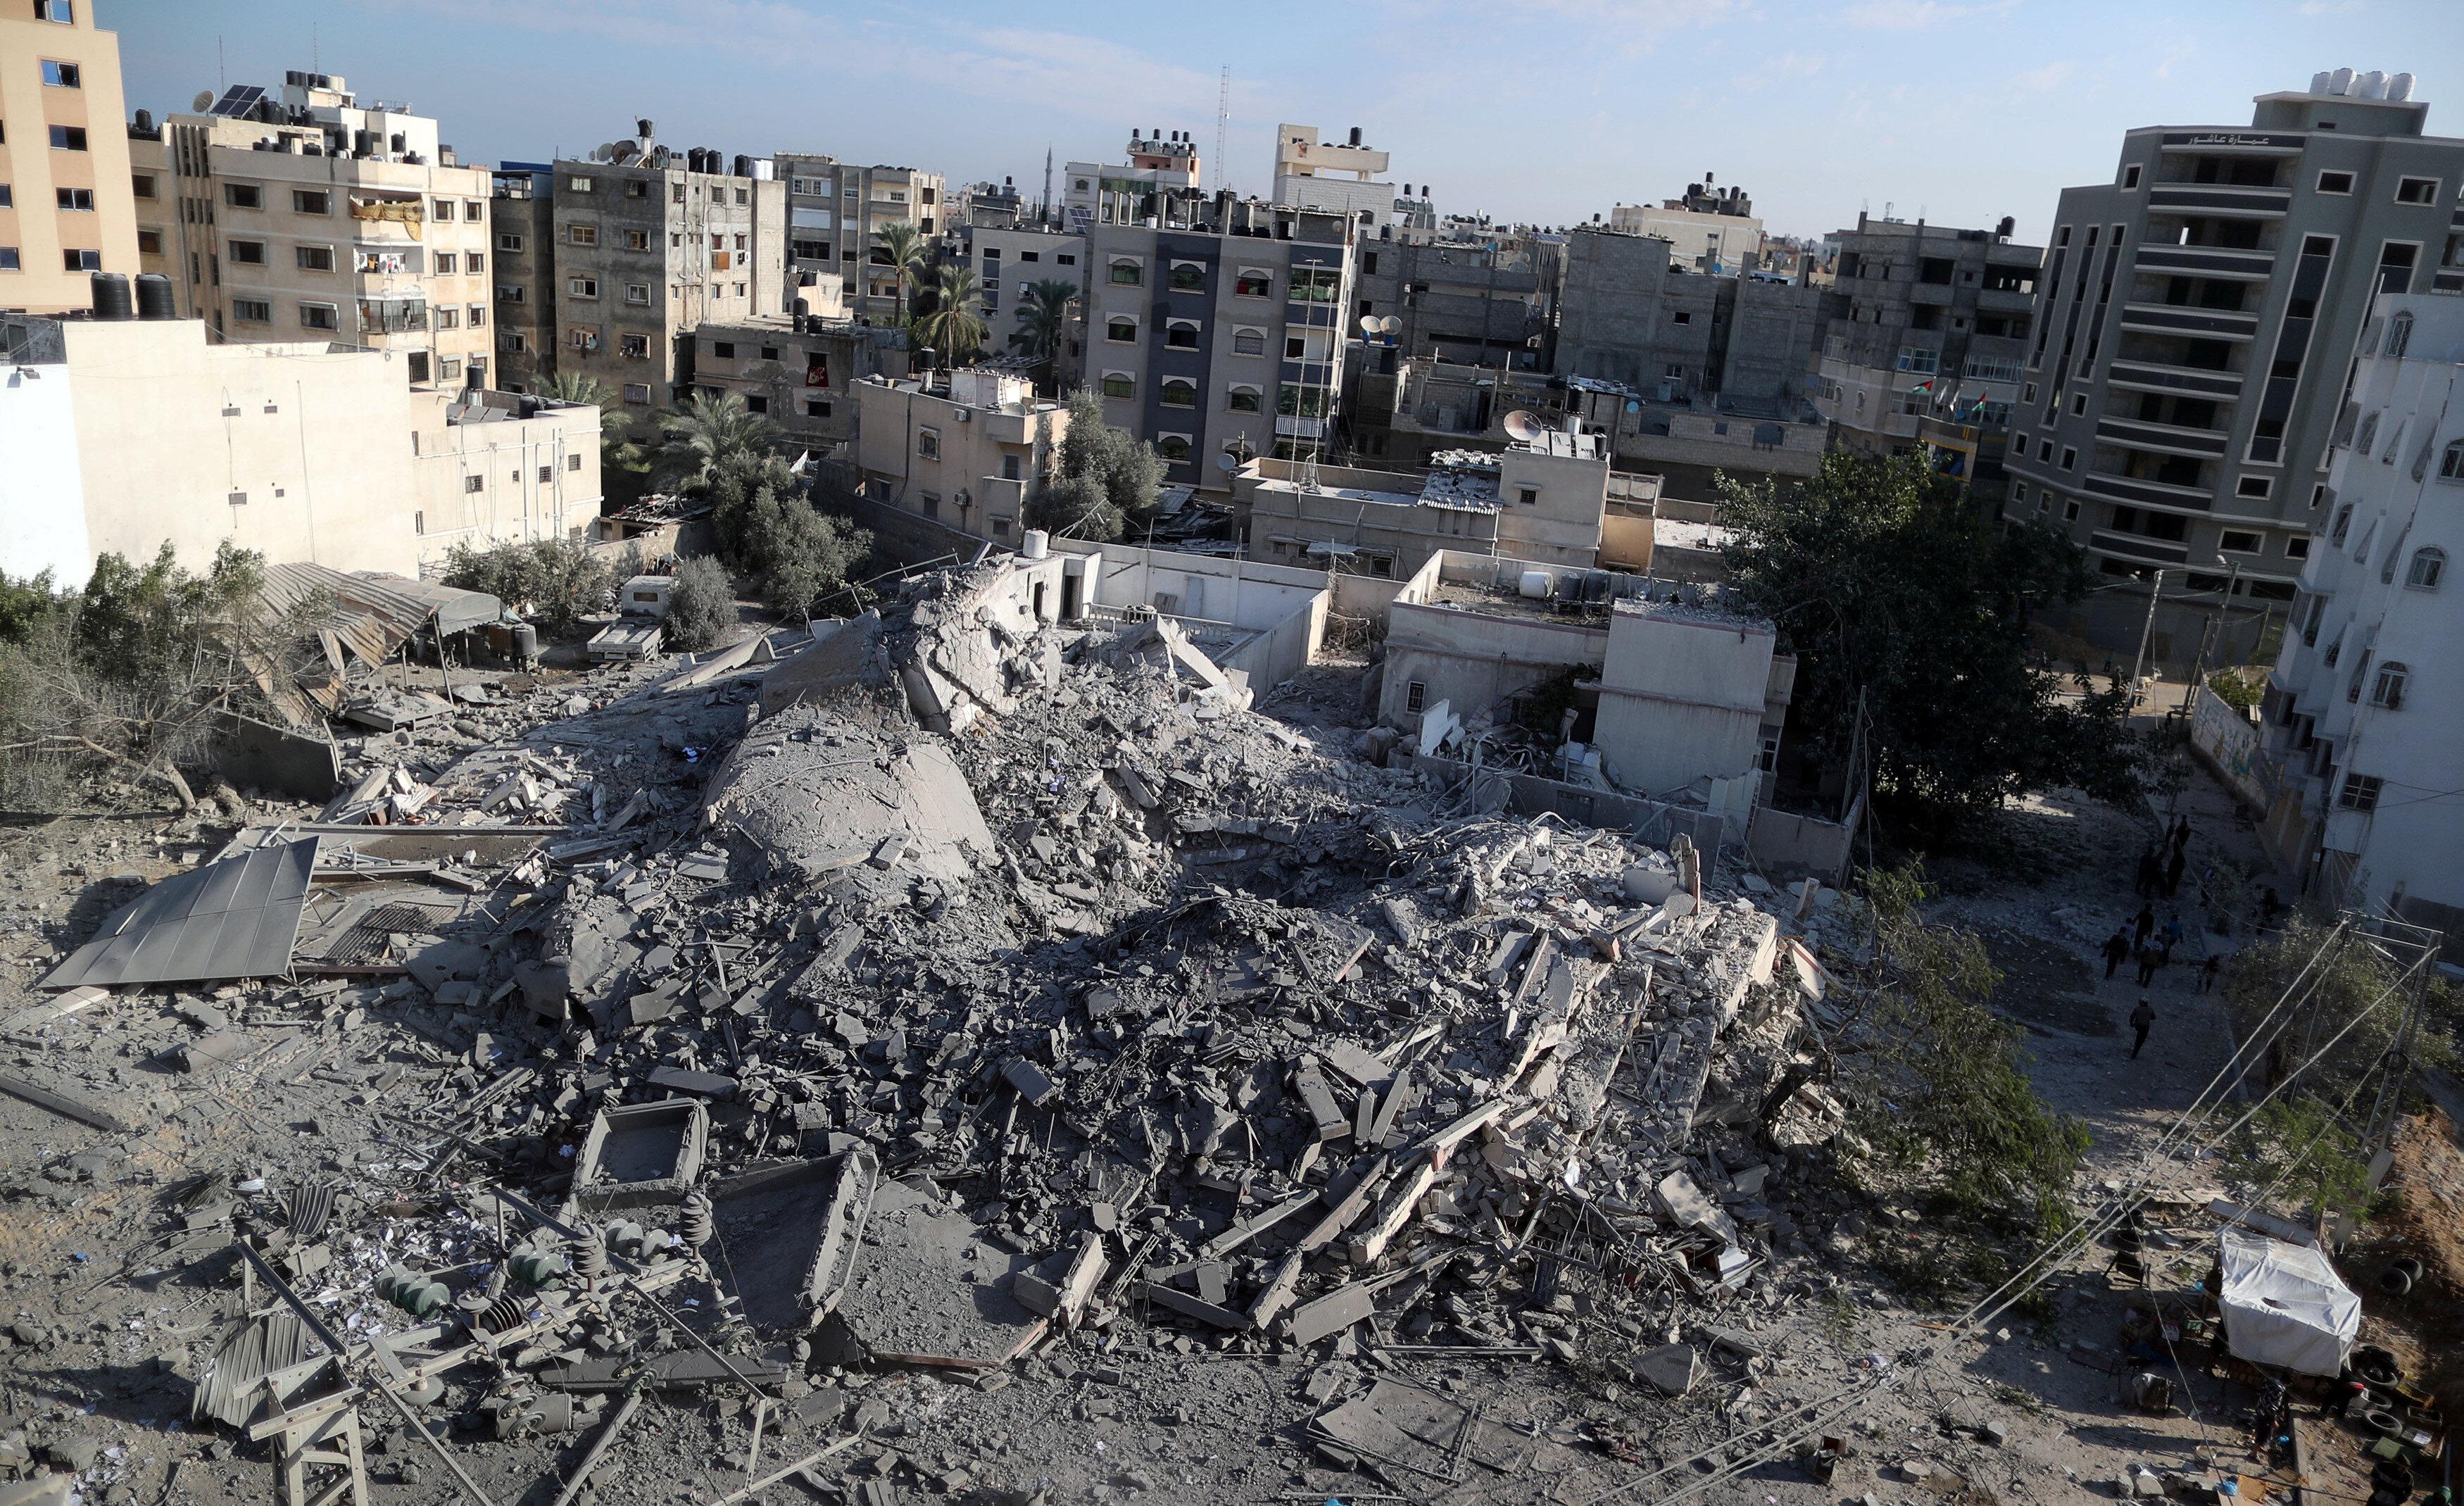 Gazze'den Yahudi yerleşim bölgelerine yapılan saldırıların ardından İsrail, gece boyu Gazze'ye hava saldırıları düzenledi.